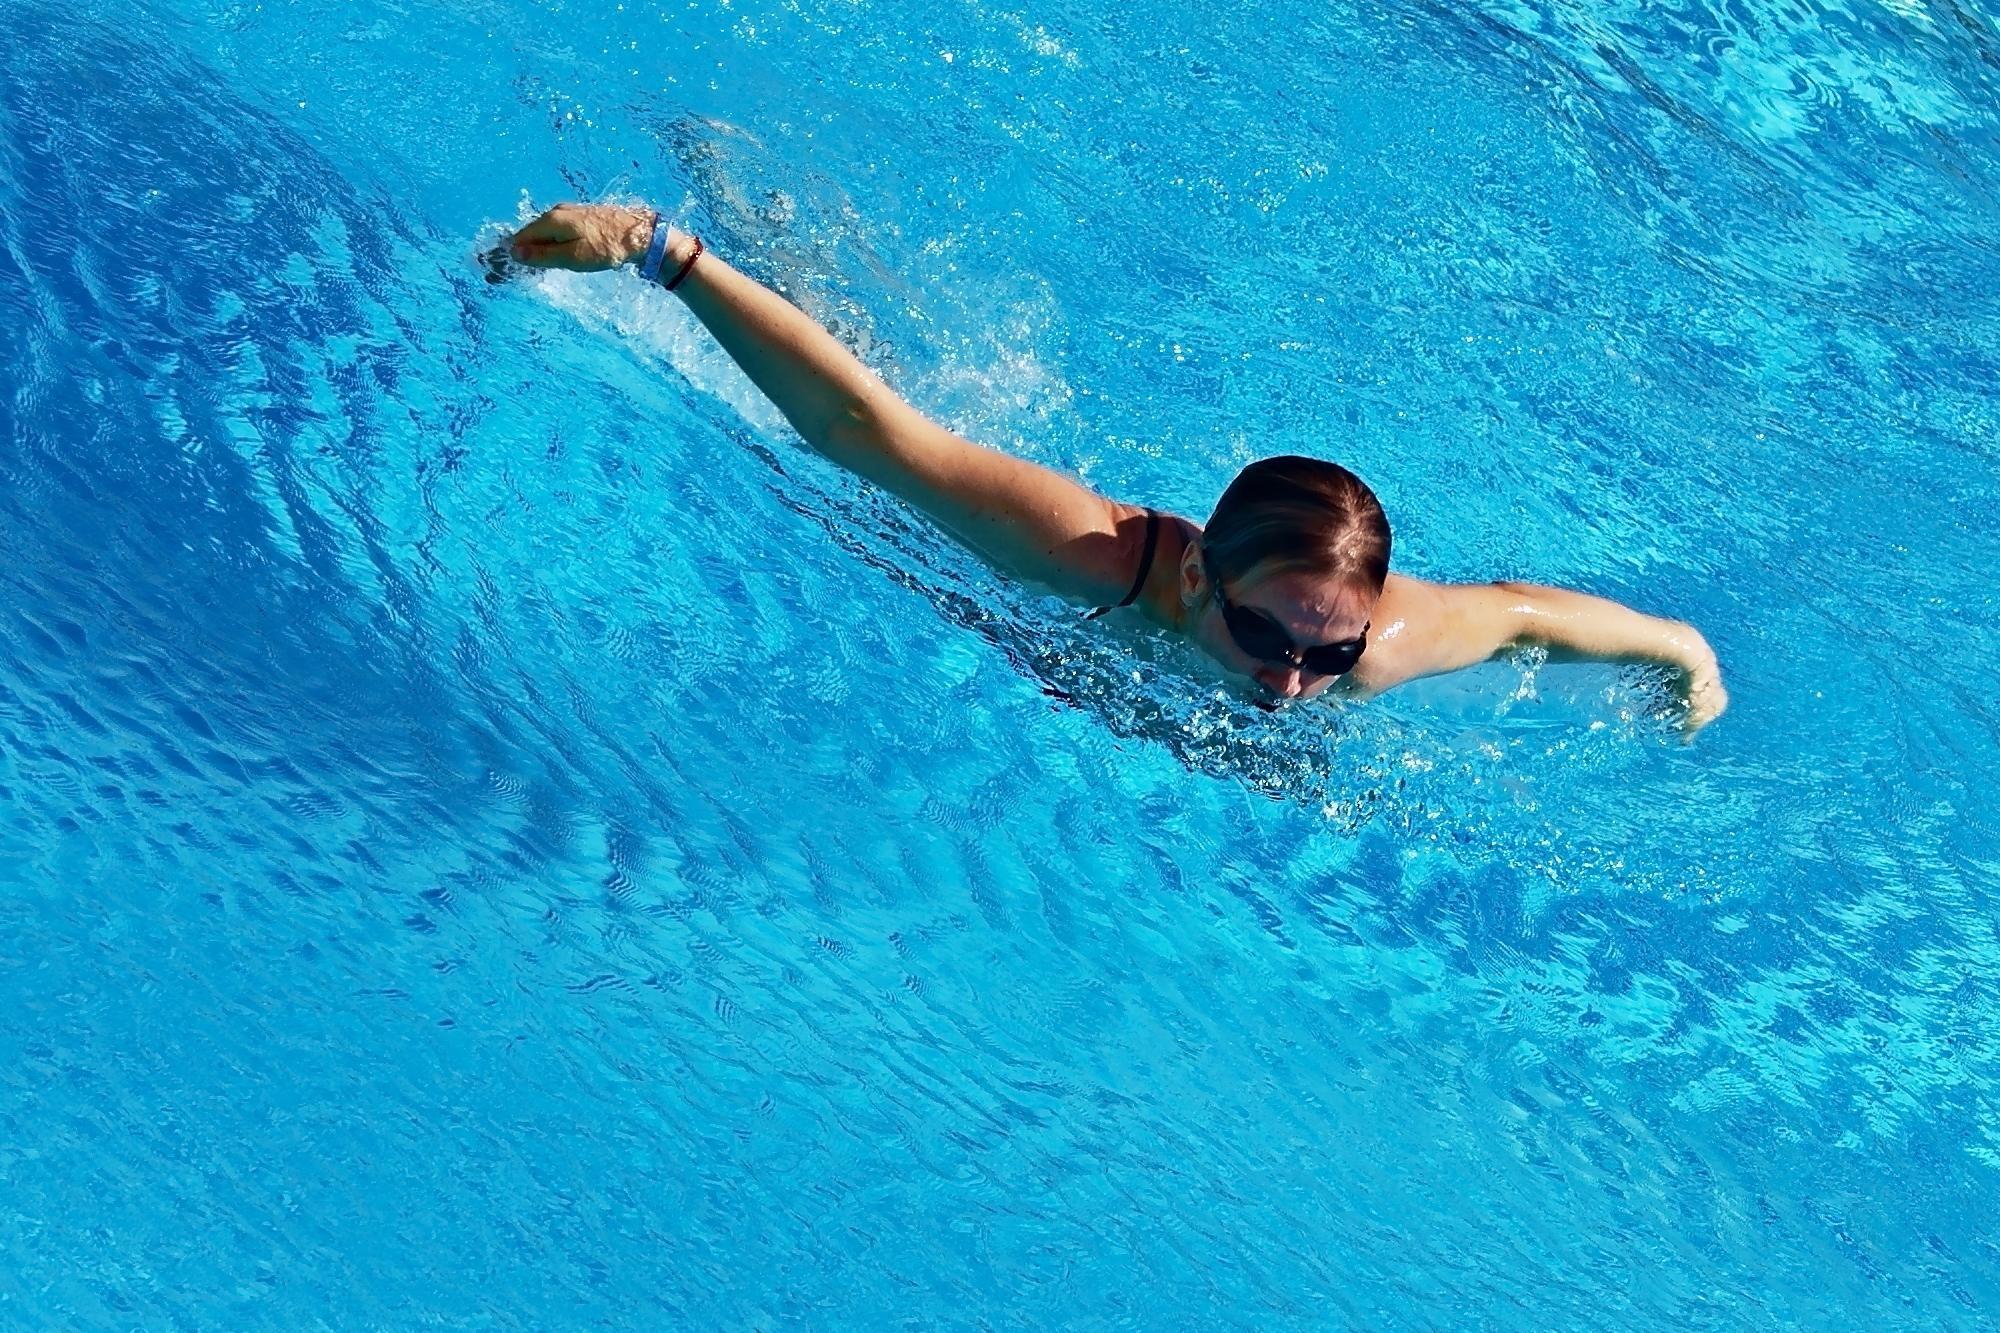 môn thể thao nào giúp giảm cân nhanh nhất, có phải là bơi lội không